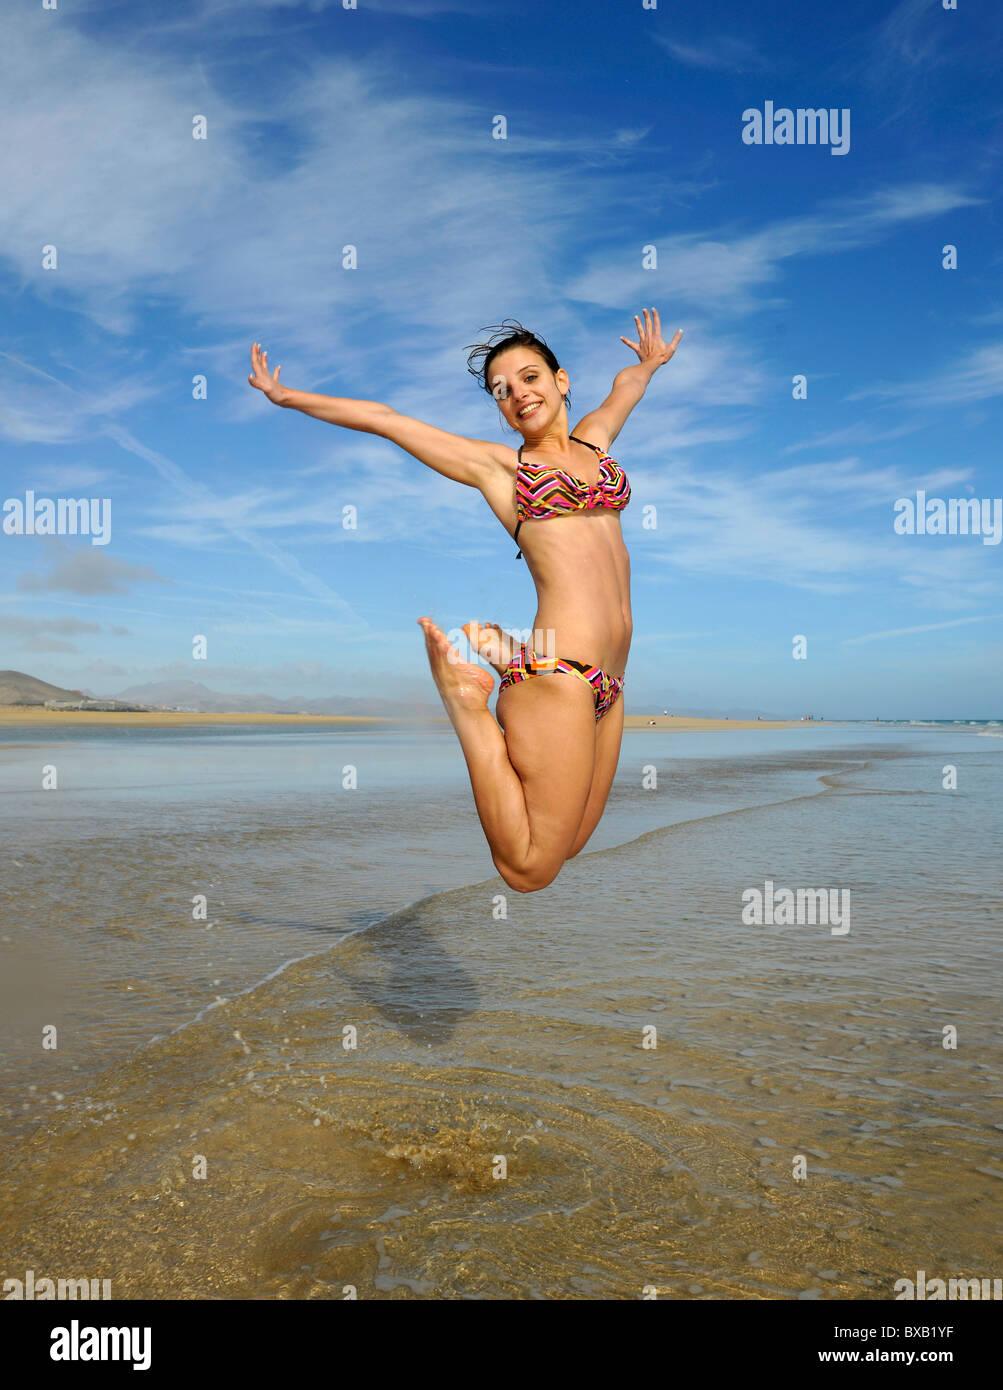 Springen Sie in die Luft, junge Frau am Meer, symbolisches Bild für Vitalität, Lebensfreude, Strand Playa Stockbild